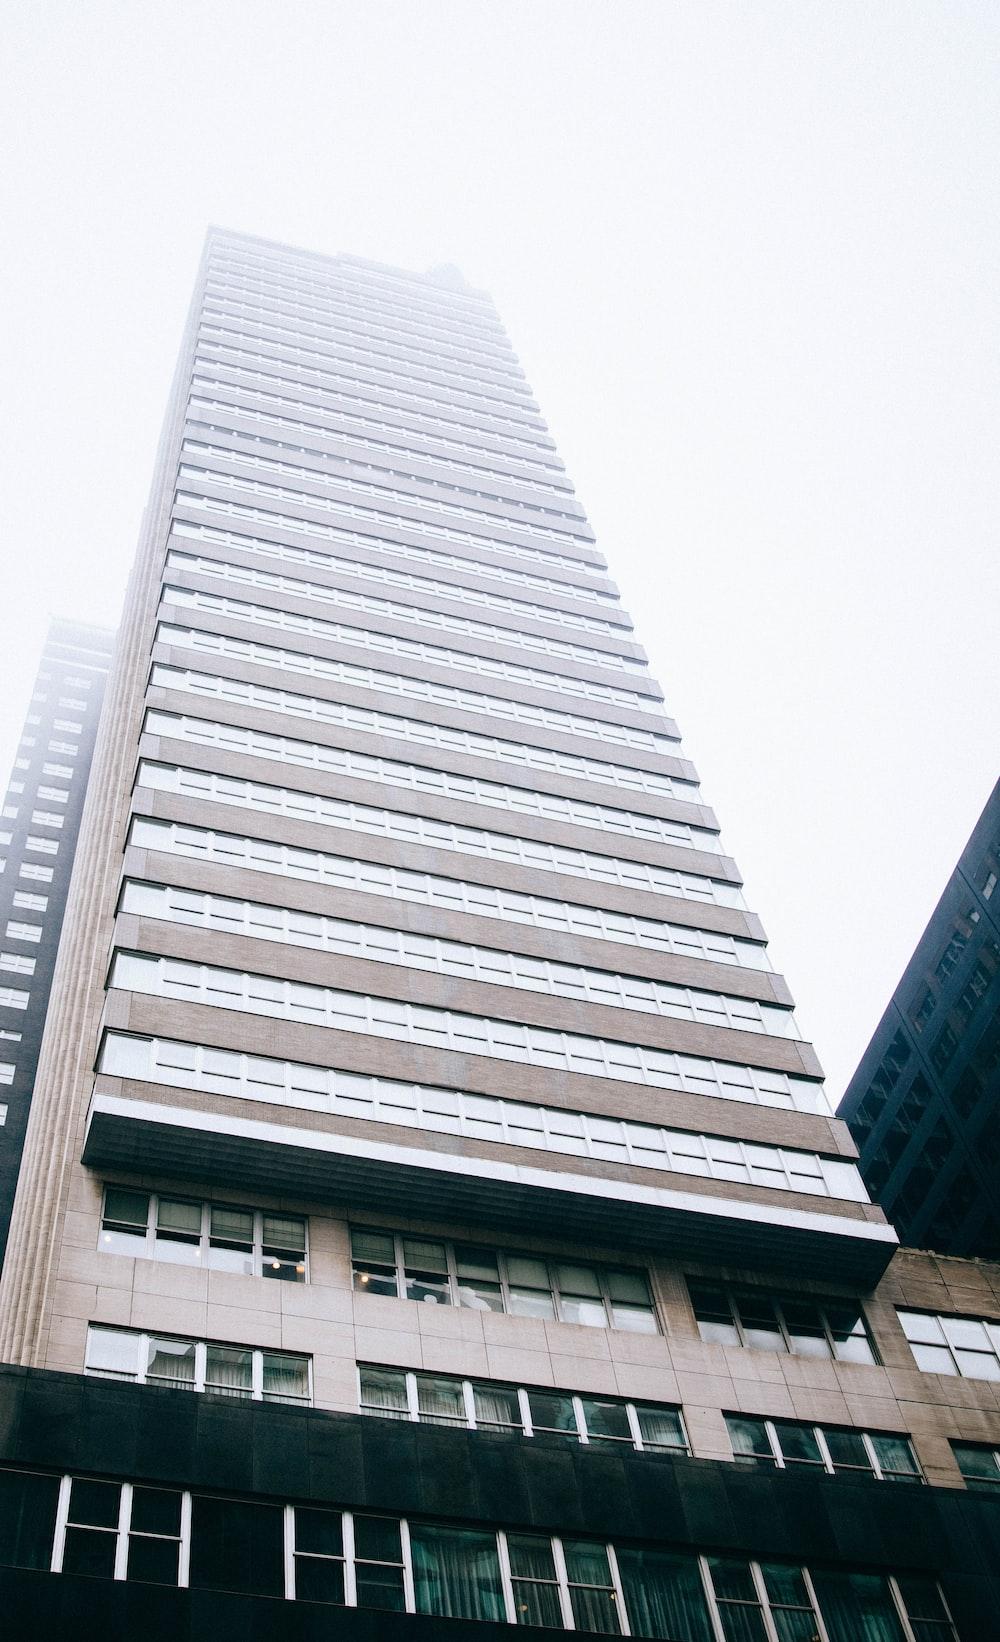 gray concrete buildings